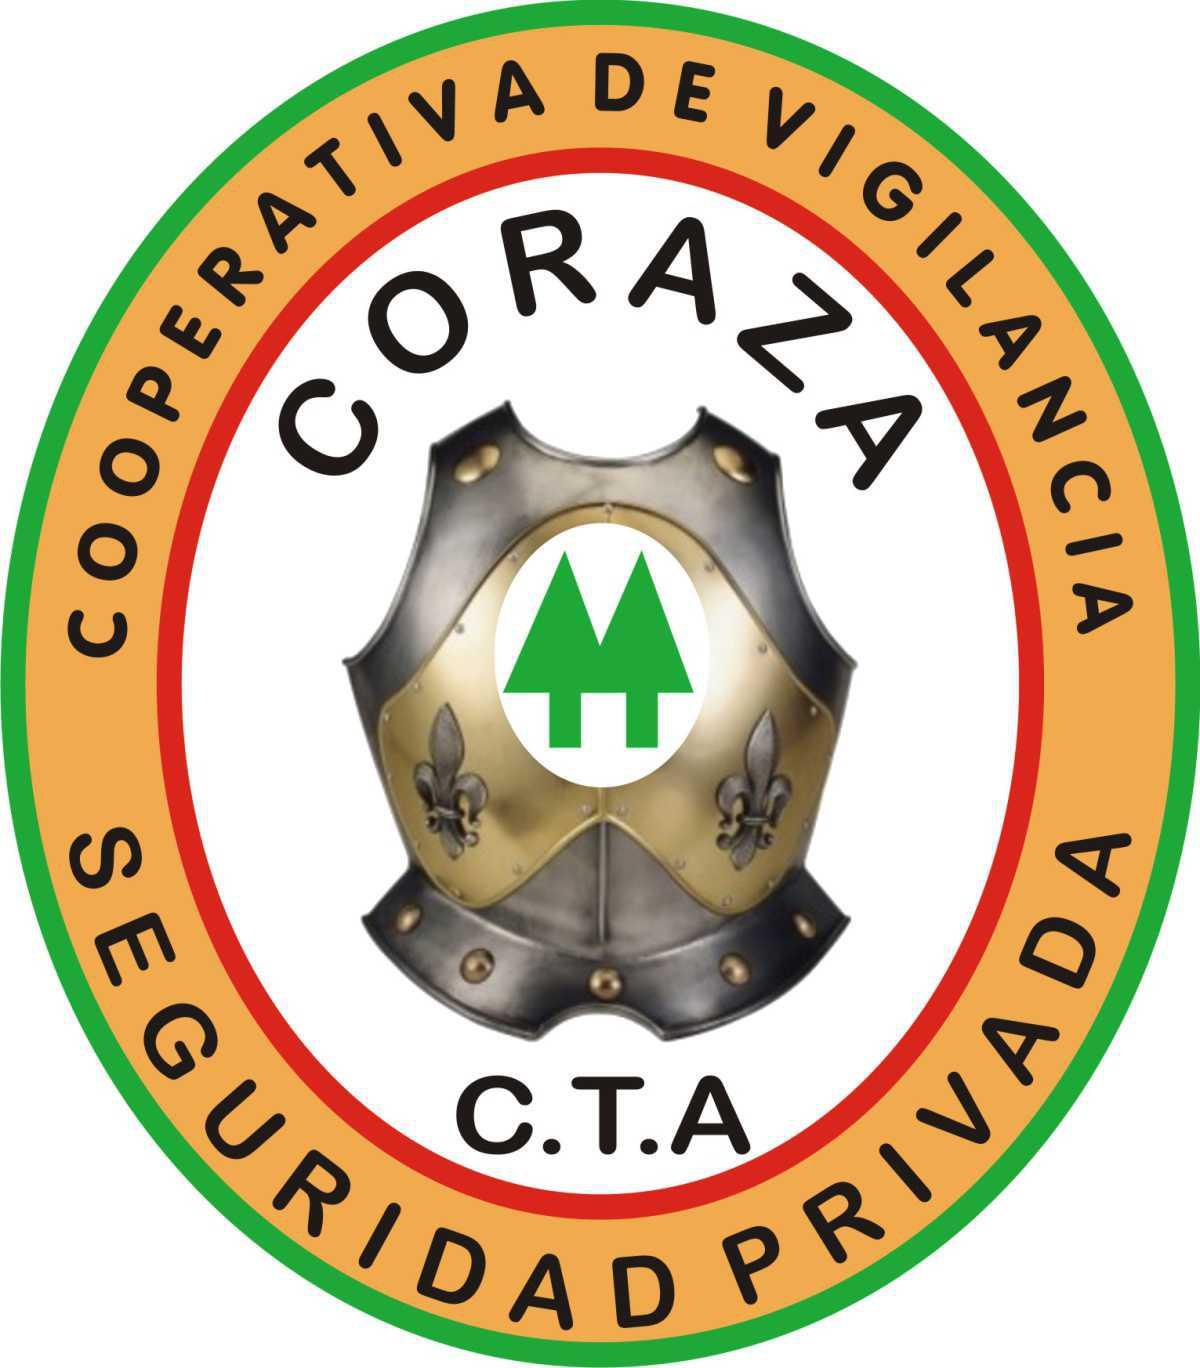 CORAZA SEGURIDAD C.T.A